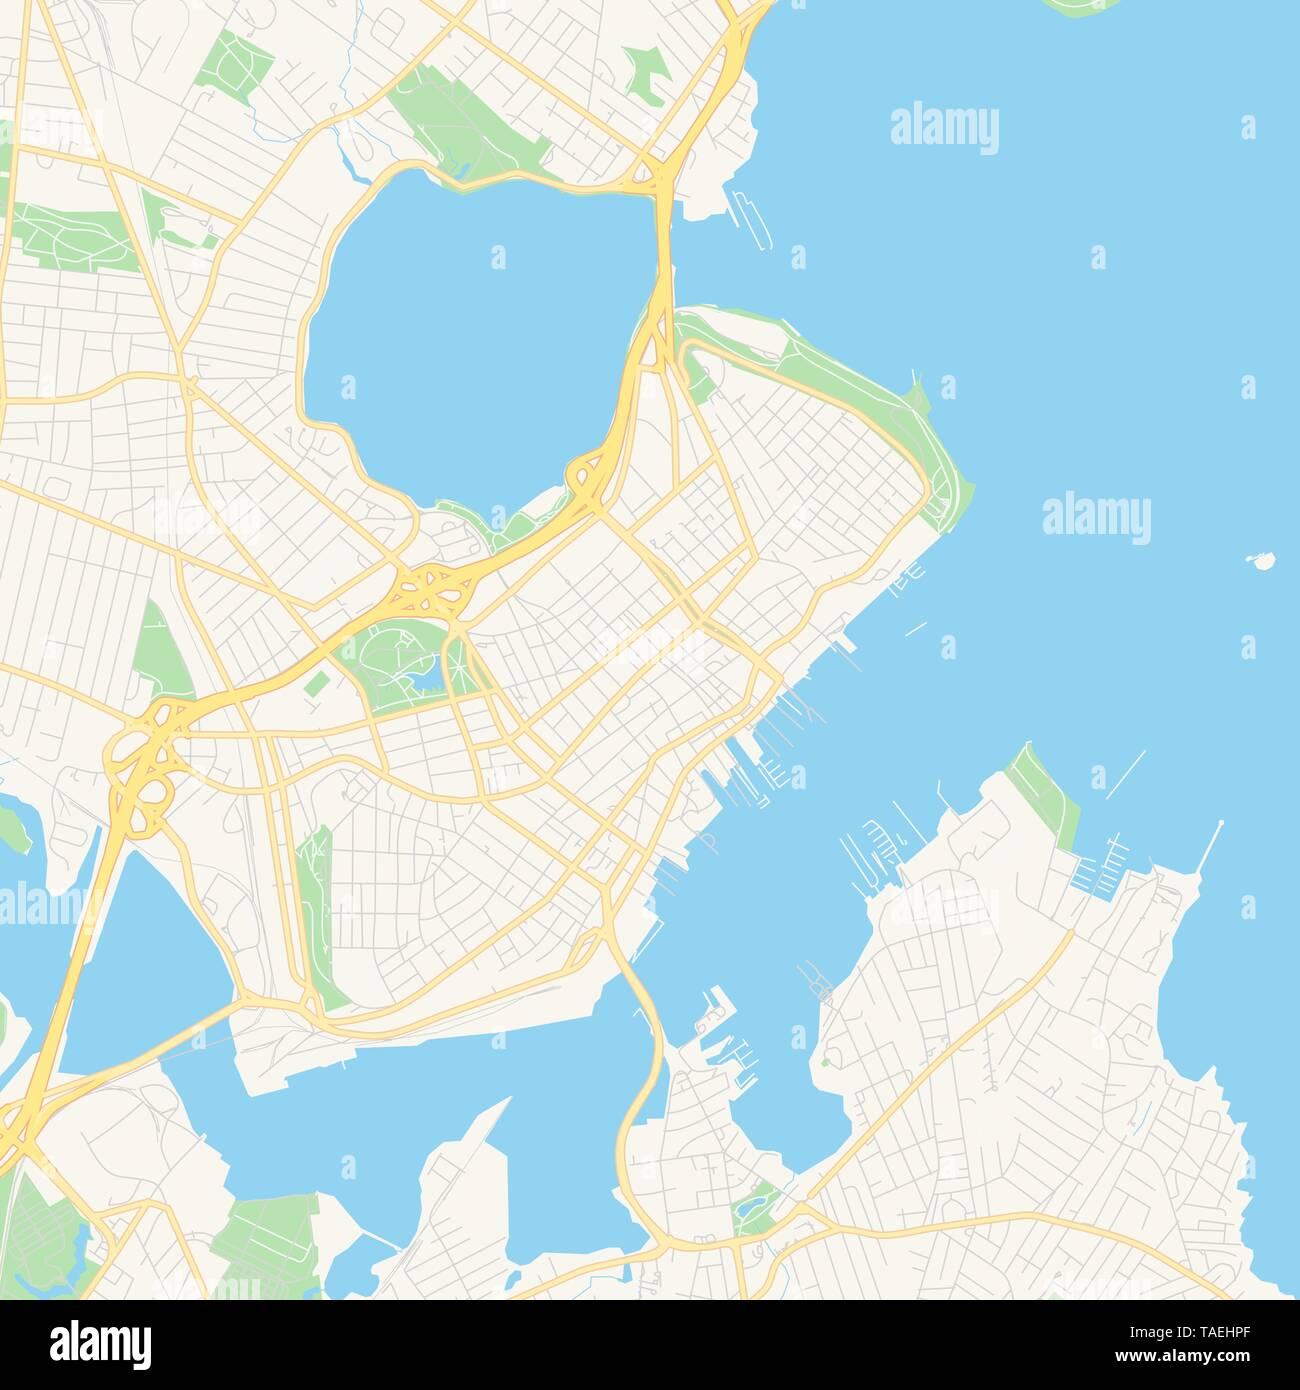 Empty vector map of Portland, Maine, USA, printable road map ... on usa map michigan, usa map oklahoma, usa map minnesota, usa map georgia, usa map new york, usa map kentucky, usa map florida, usa map maryland, usa map california, usa map mississippi, usa map hawaii, usa map new hampshire, usa map alabama, usa map pennsylvania, usa map connecticut, usa map virginia, usa map vermont, usa map portland, usa map nevada, usa map arizona,